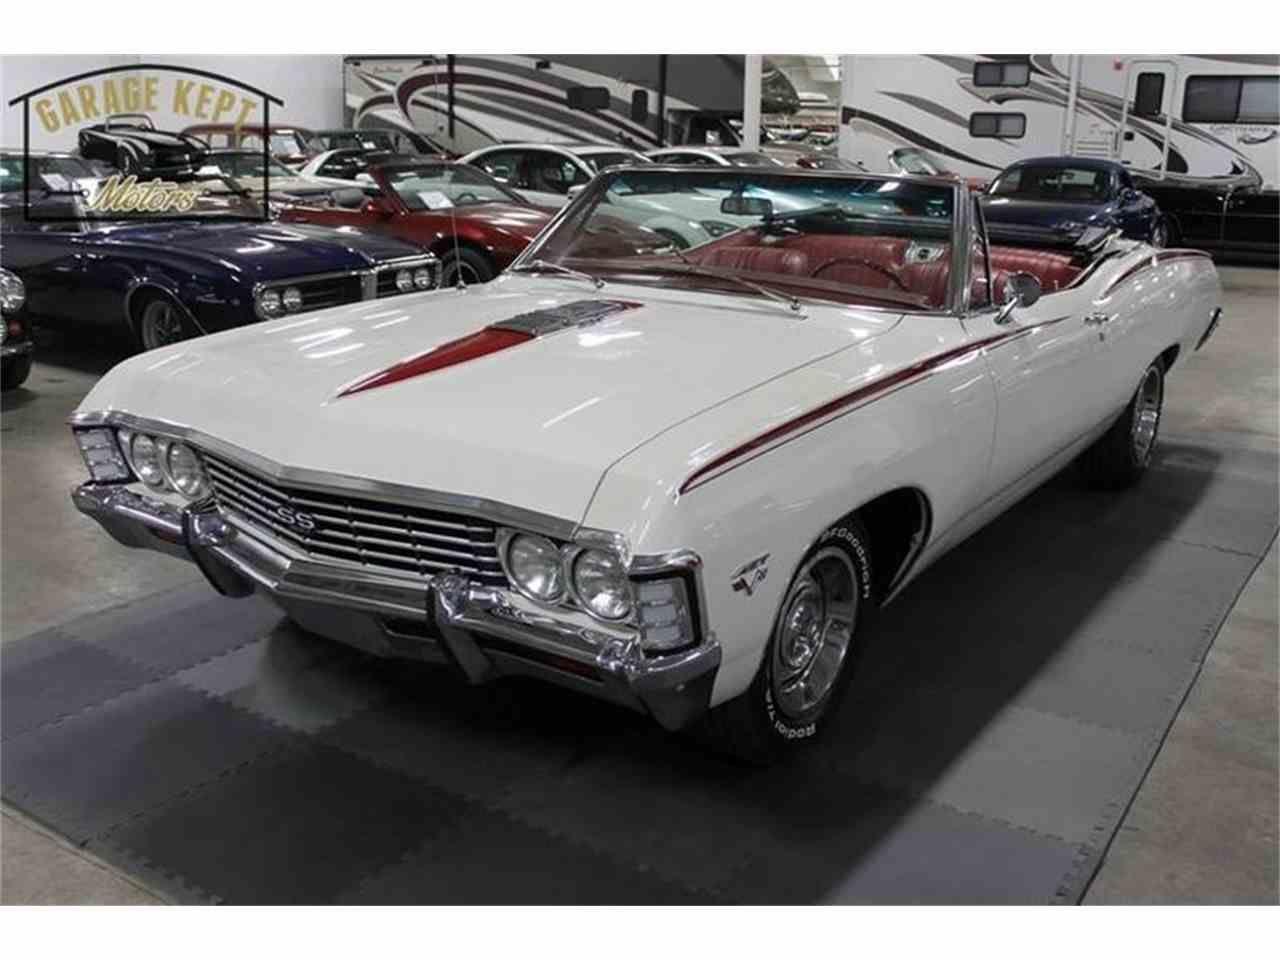 Www Thegentlemanracer Com Chevrolet Impala Impala Chevy Impala